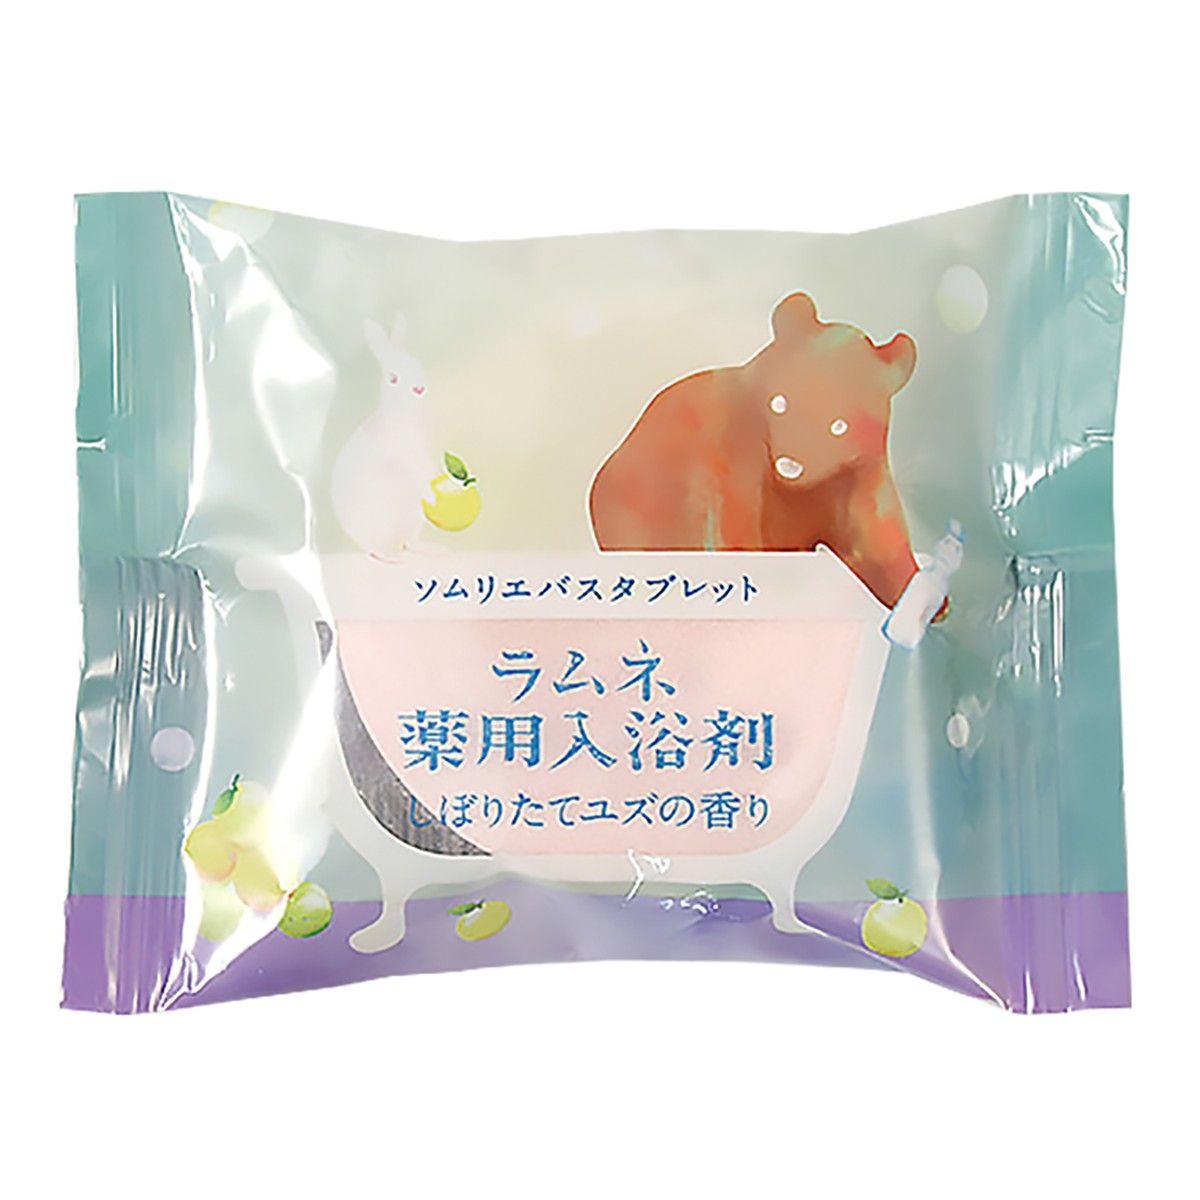 Фото Расслабляющая соль-таблетка для ванны с ароматом юдзу - 40 гр.